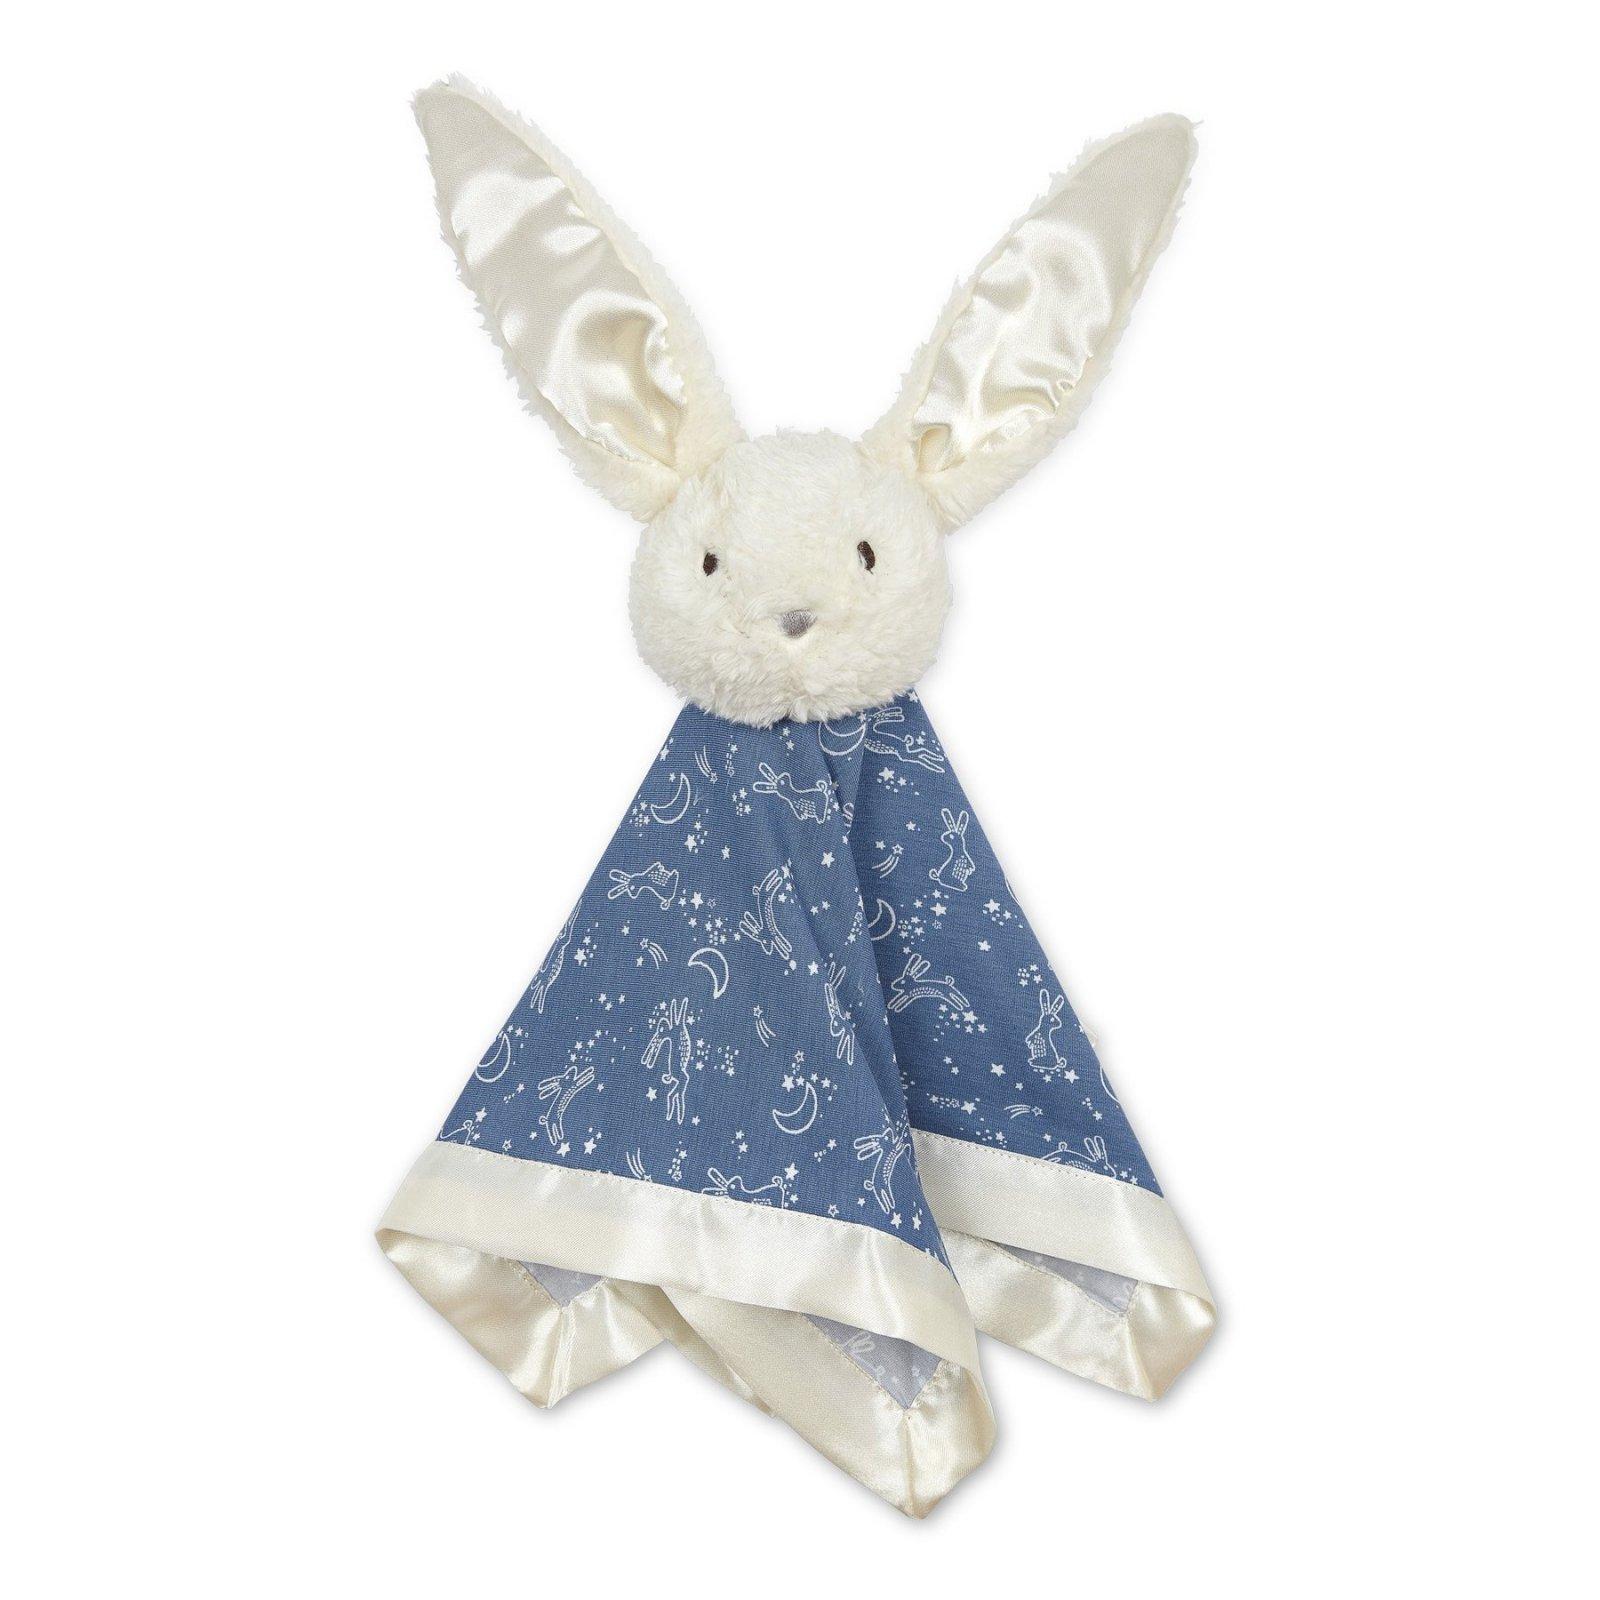 Bunny Blue Sky Modal Lovie